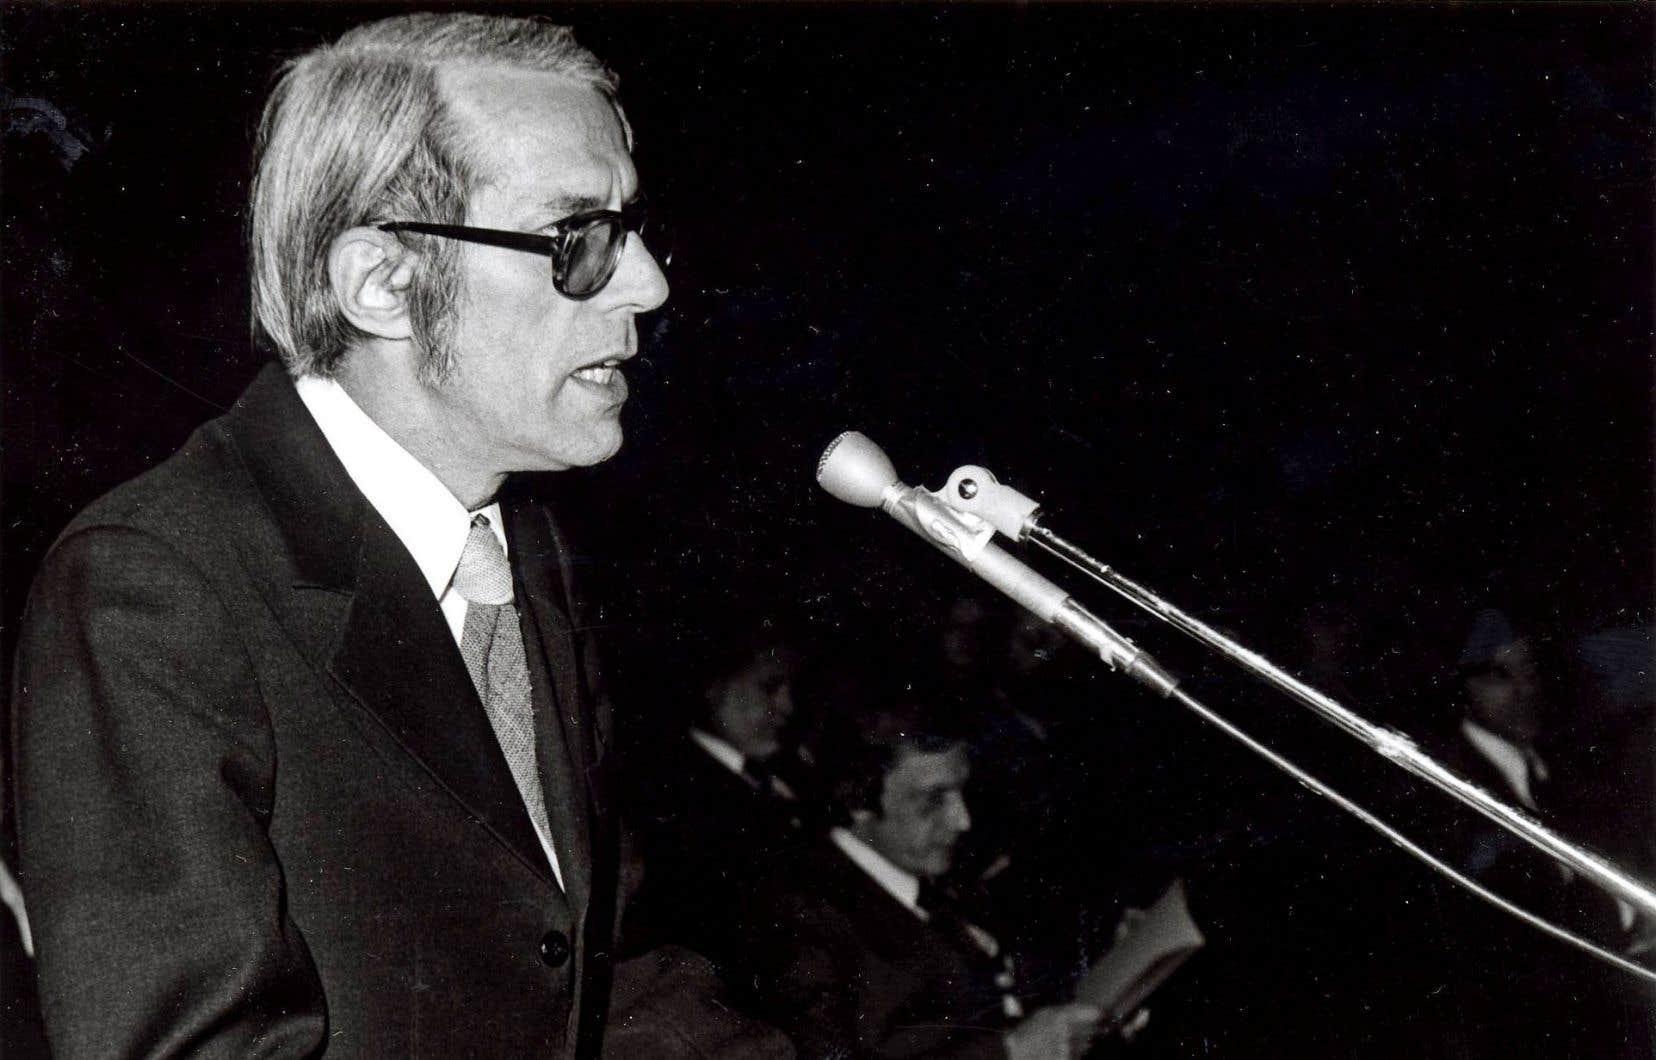 En plus d'avoir occupé la fonction de sous-ministre à l'Éducation, Yves Martin a été le premier recteur de l'Université de Sherbrooke à ne pas être issu du clergé.